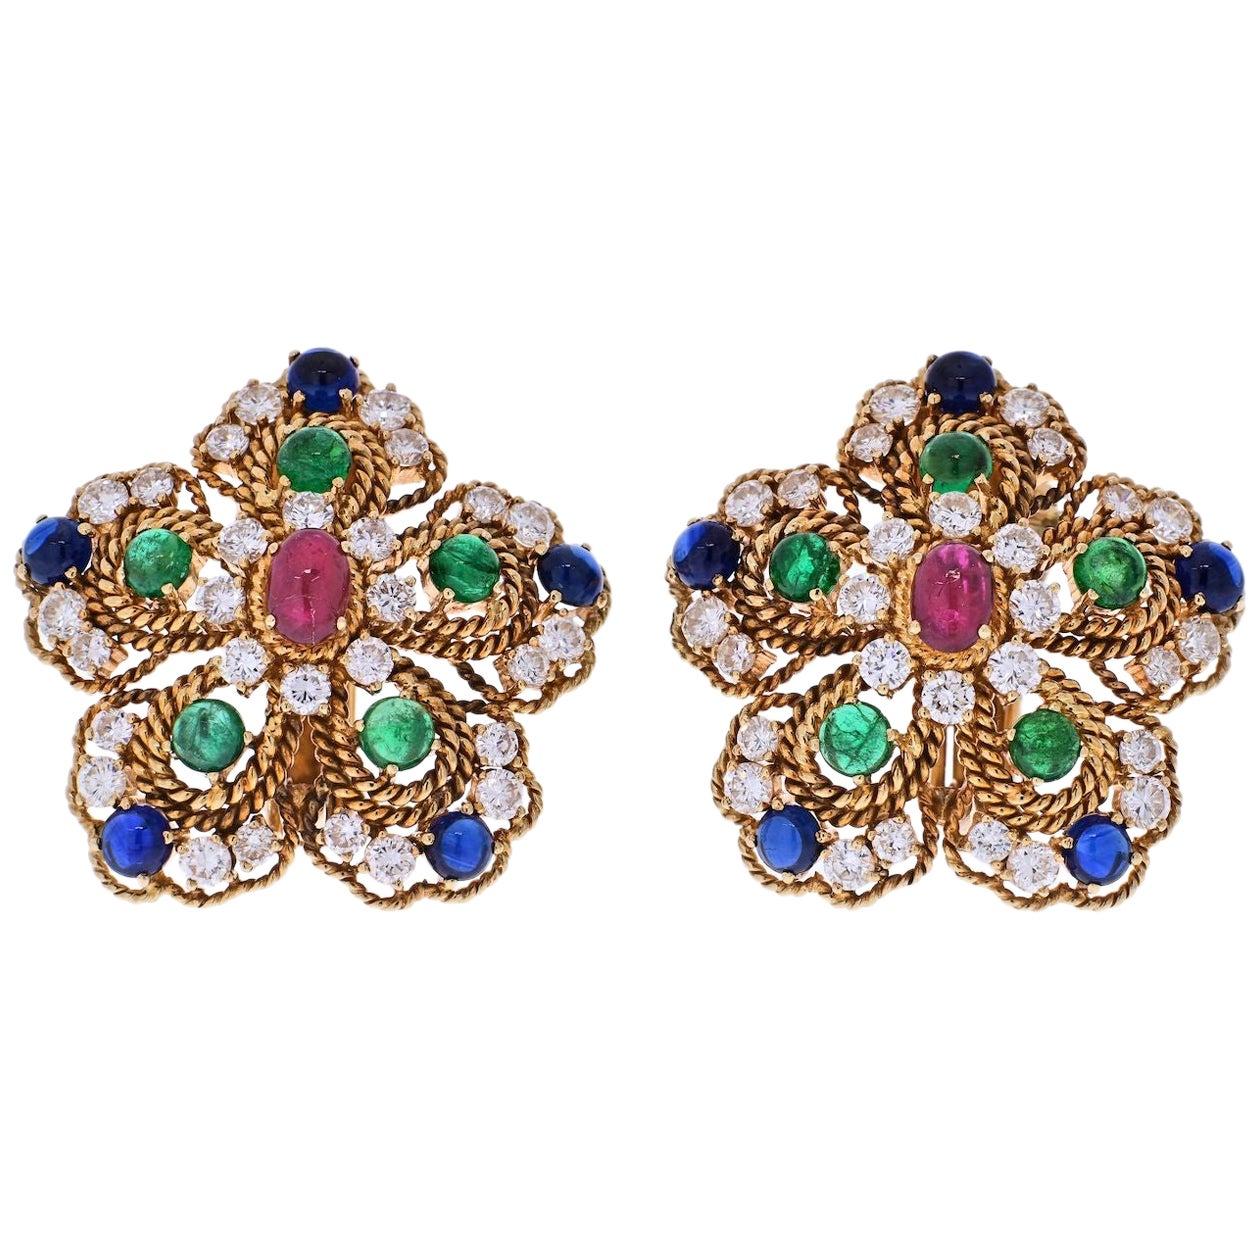 18K Gold 1970s Multigem Ruby, Sapphire, Emeralds and Diamond Flower Earrings